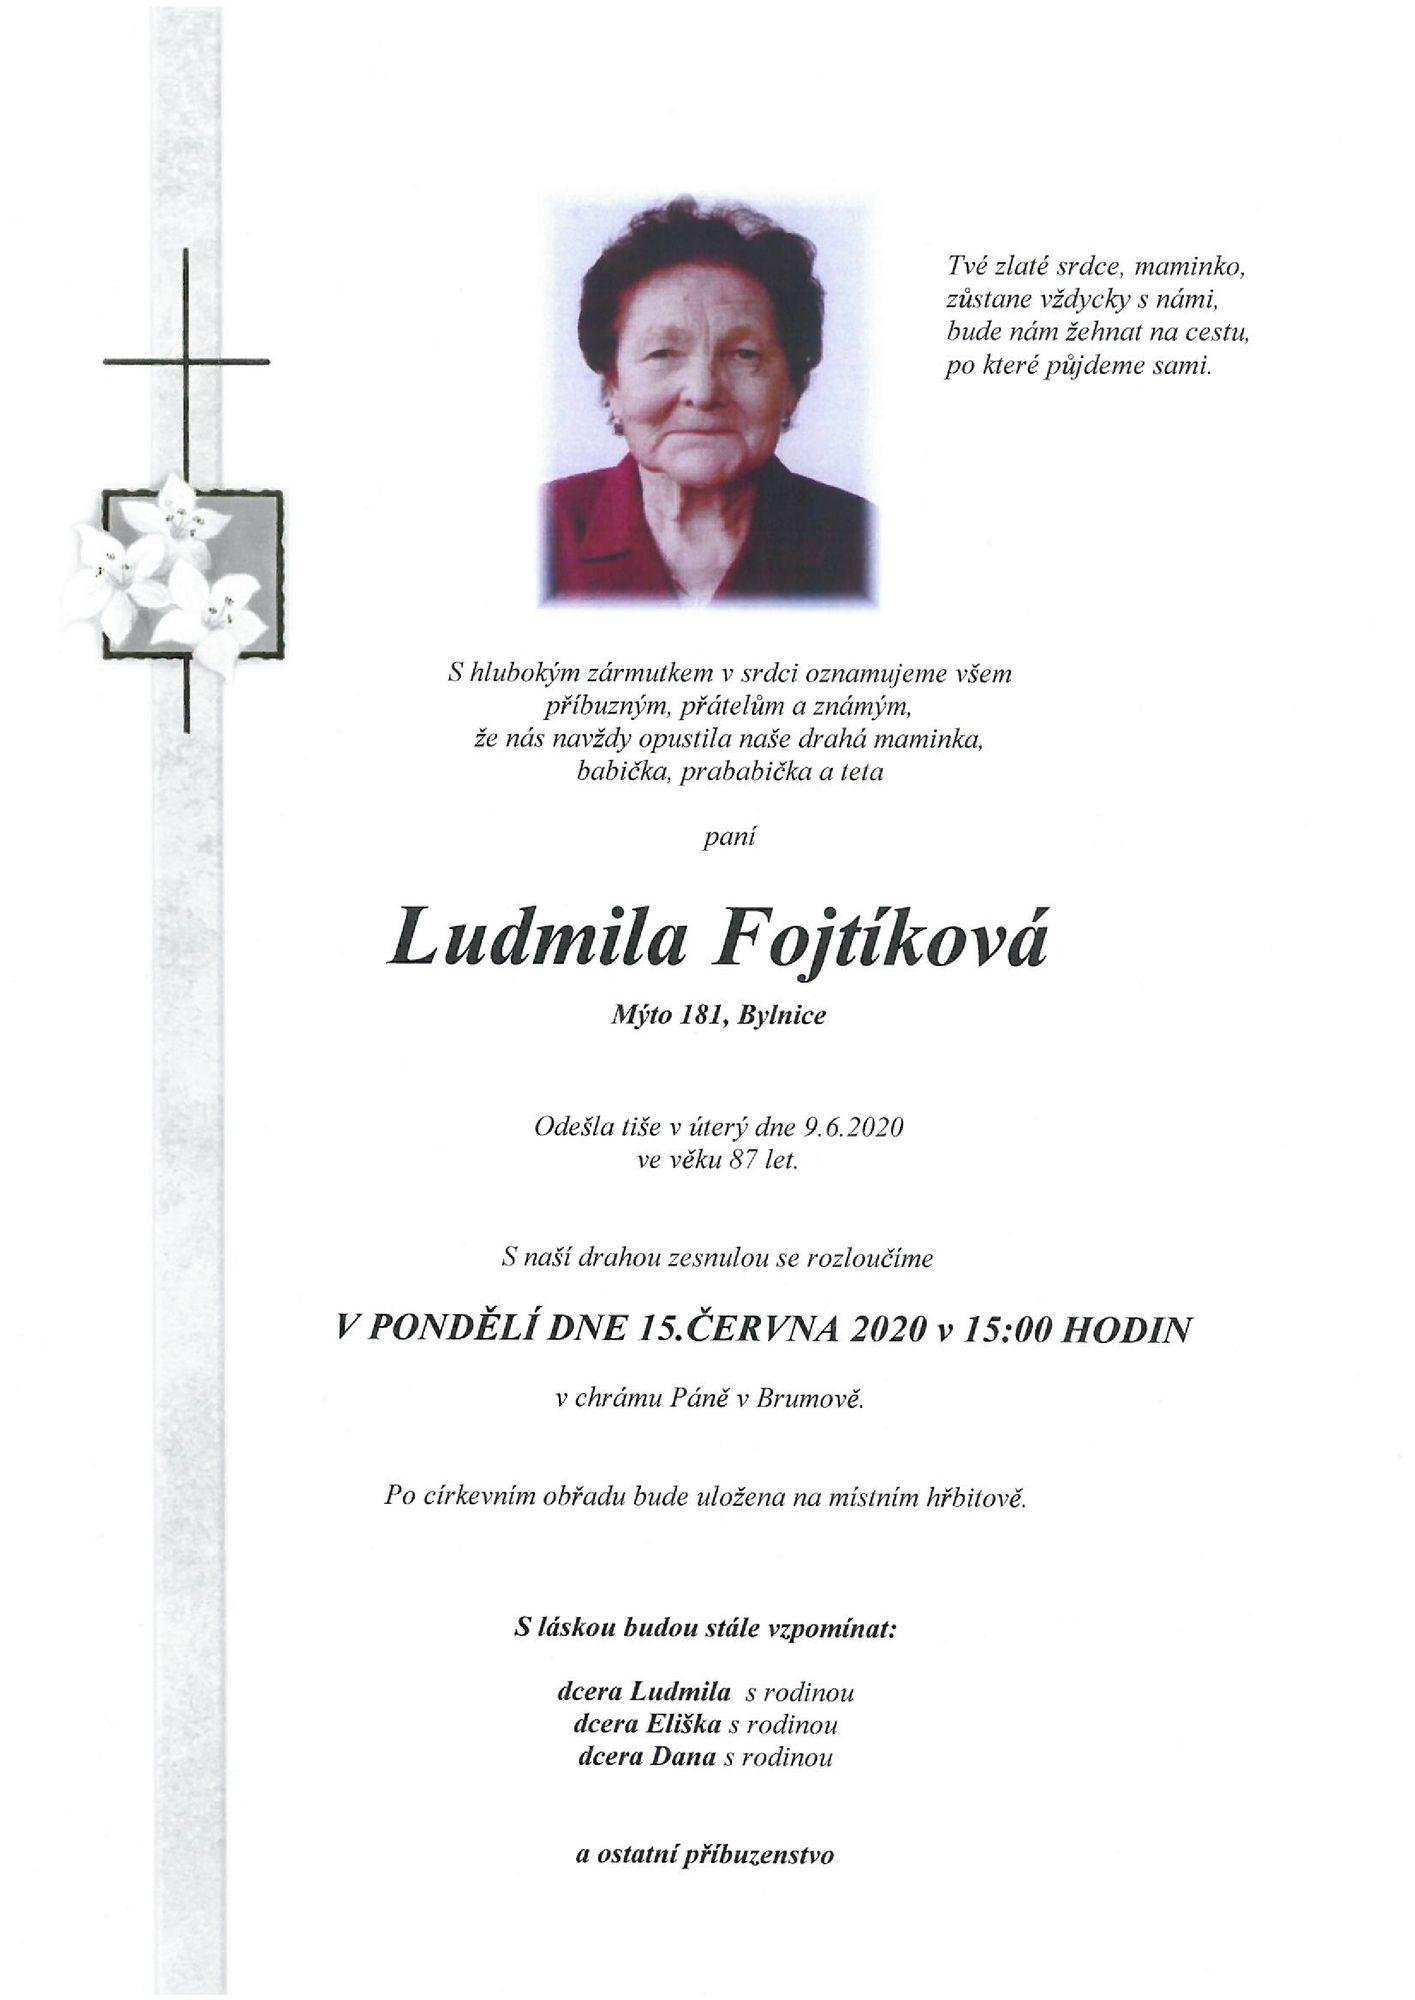 Ludmila Fojtíková